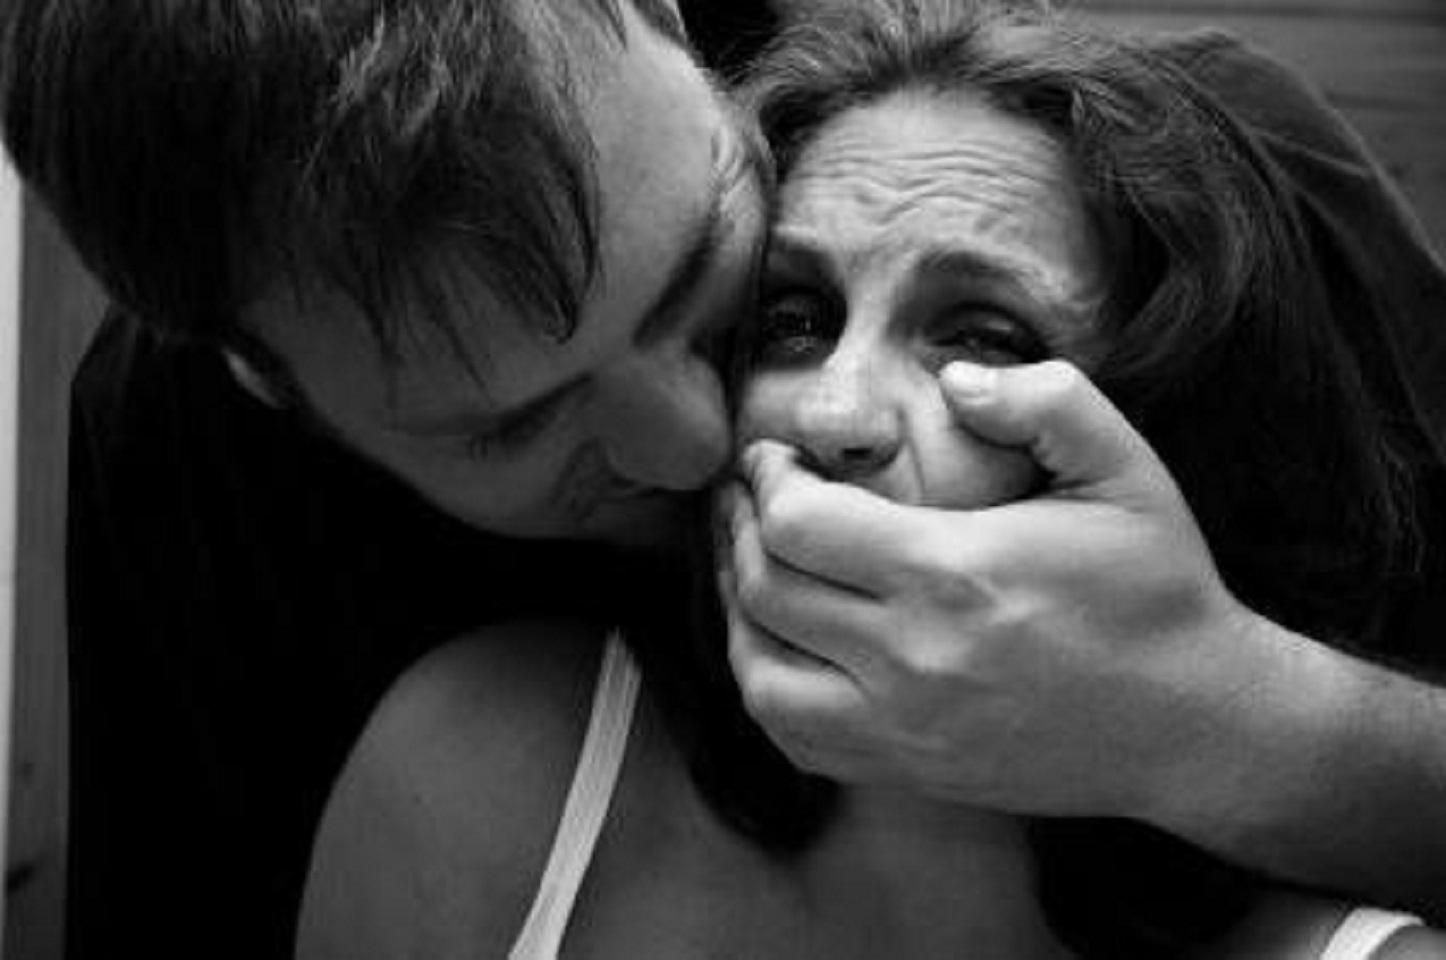 Гость стал домогаться хозяйку на глазах у ее мужа и получил топором по голове